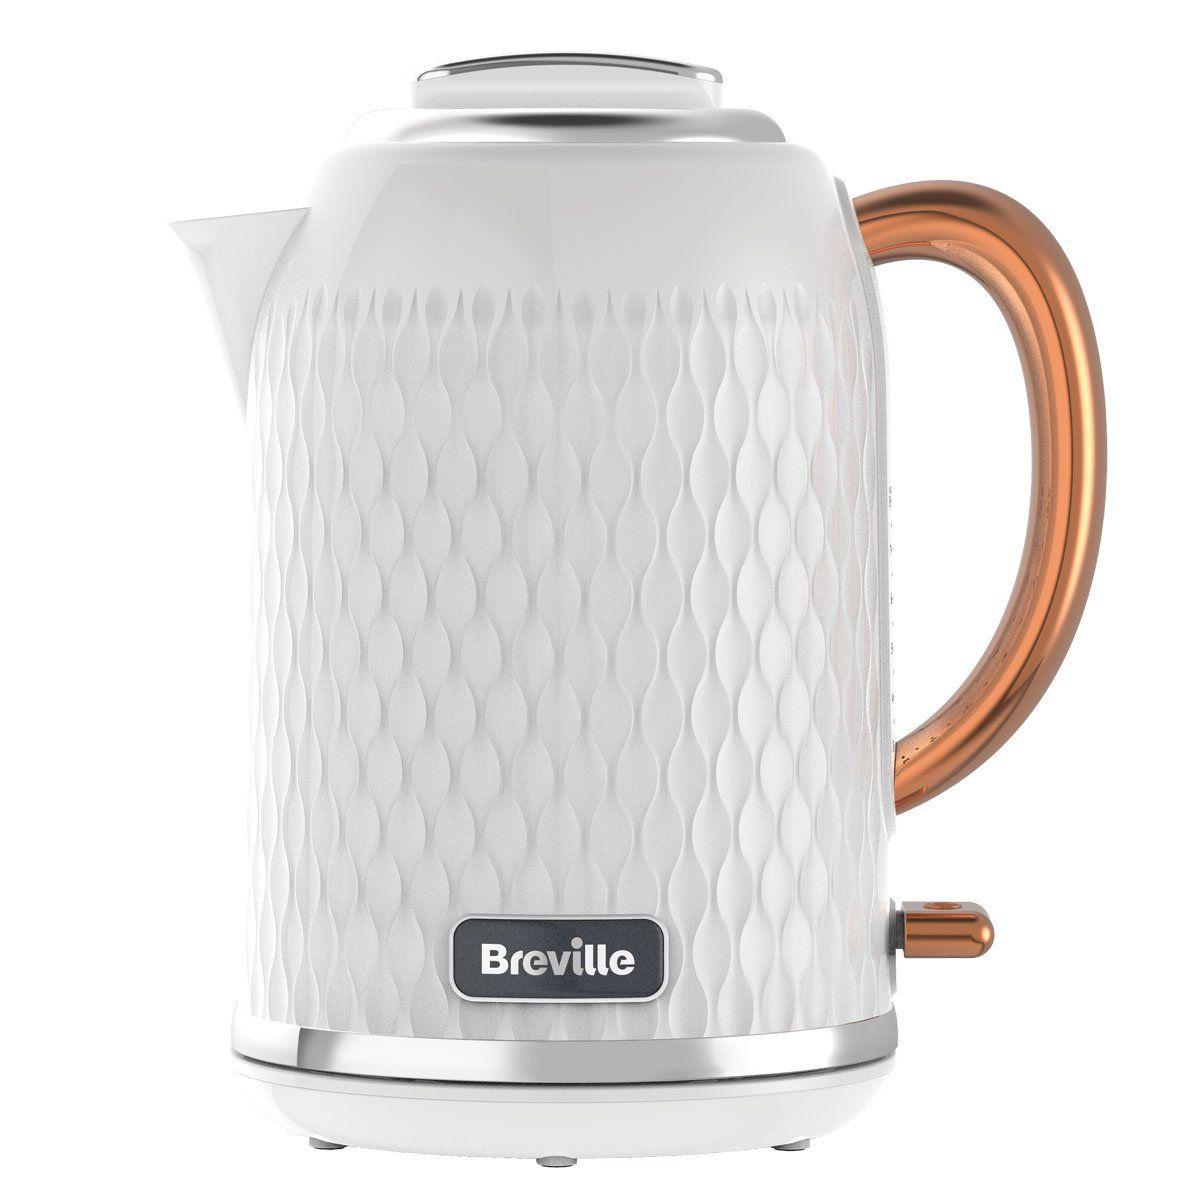 Breville White Plastic Tea Kettles for